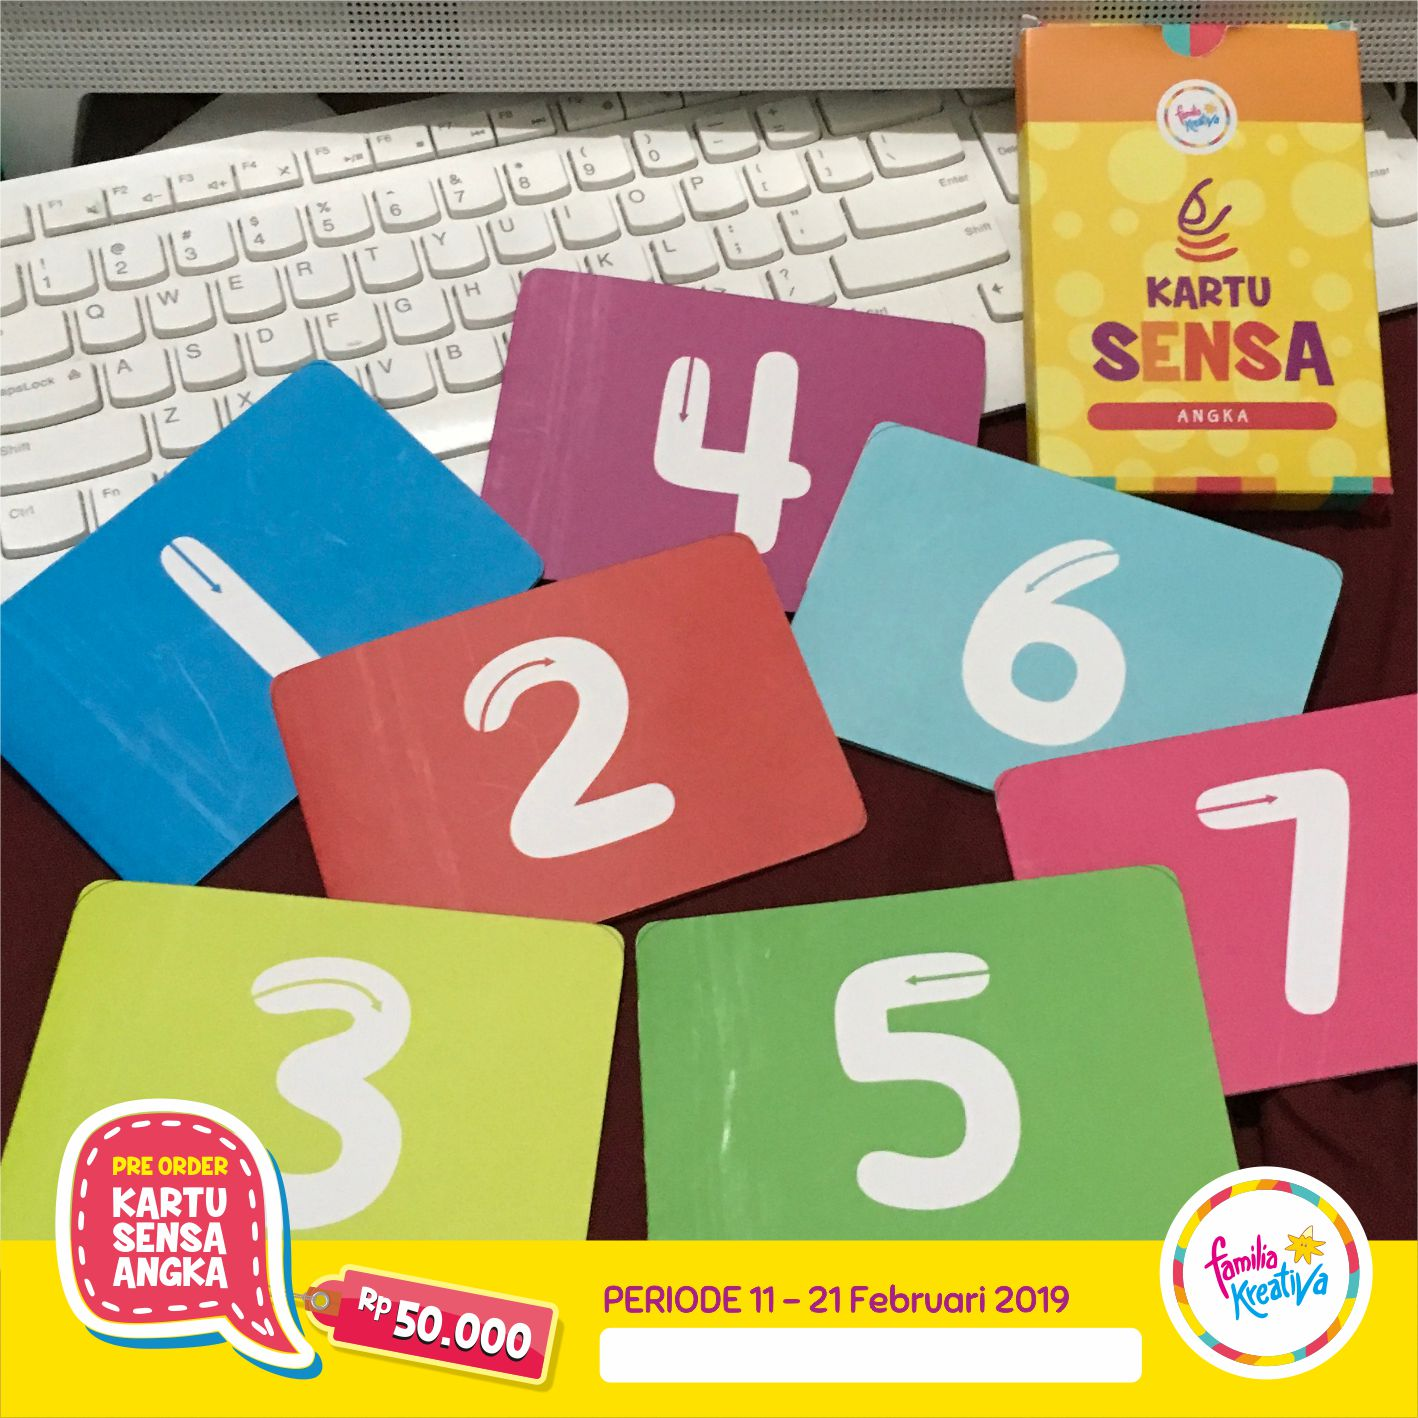 Kartu ini dibuat untuk memperkaya khasanah proses belajar anak anak sedunia D